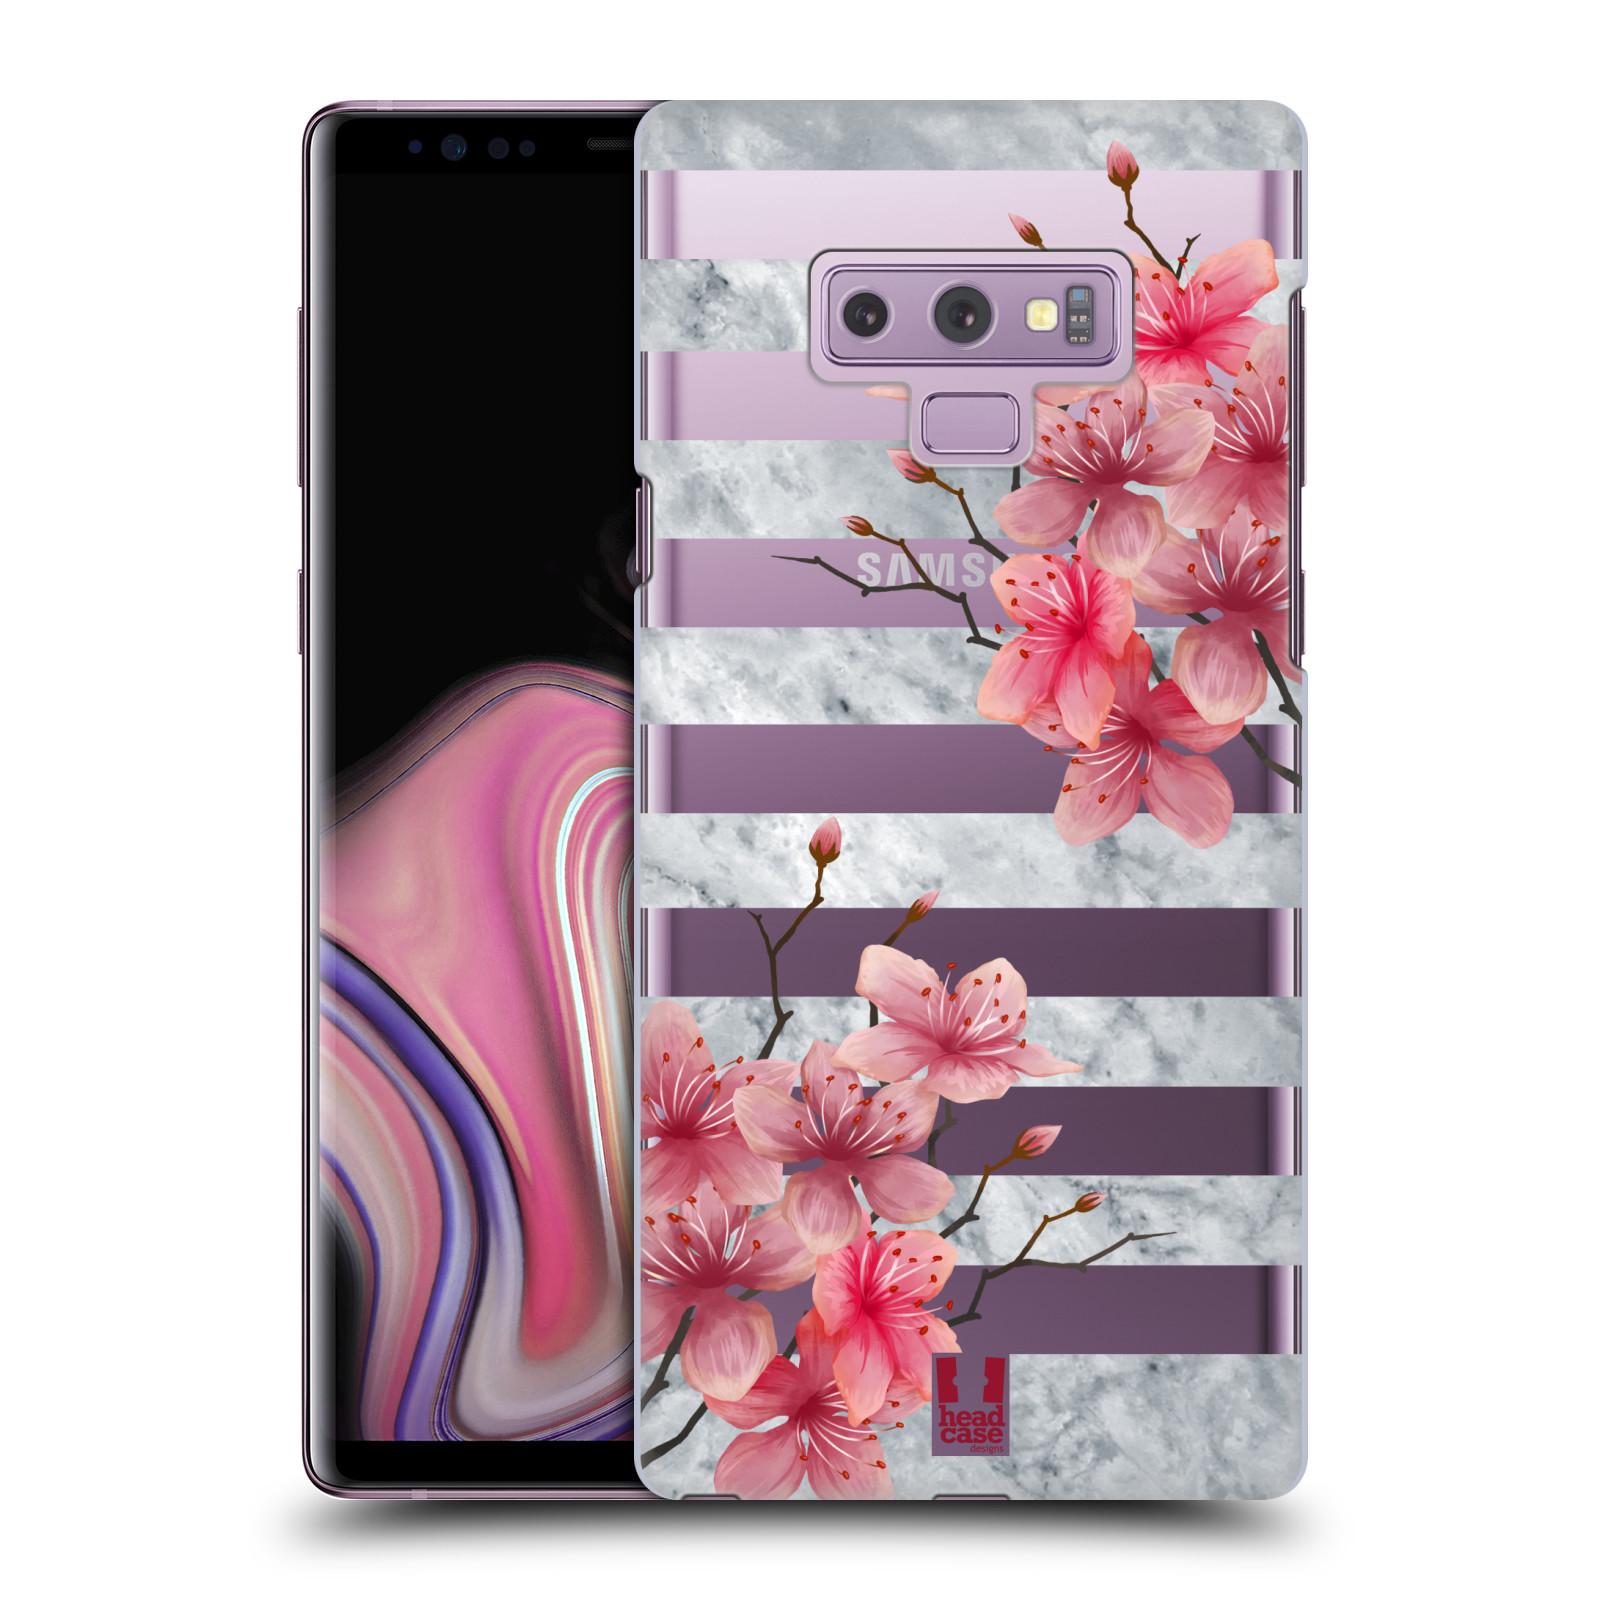 Plastové pouzdro na mobil Samsung Galaxy Note 9 - Head Case - Kvítka a mramor